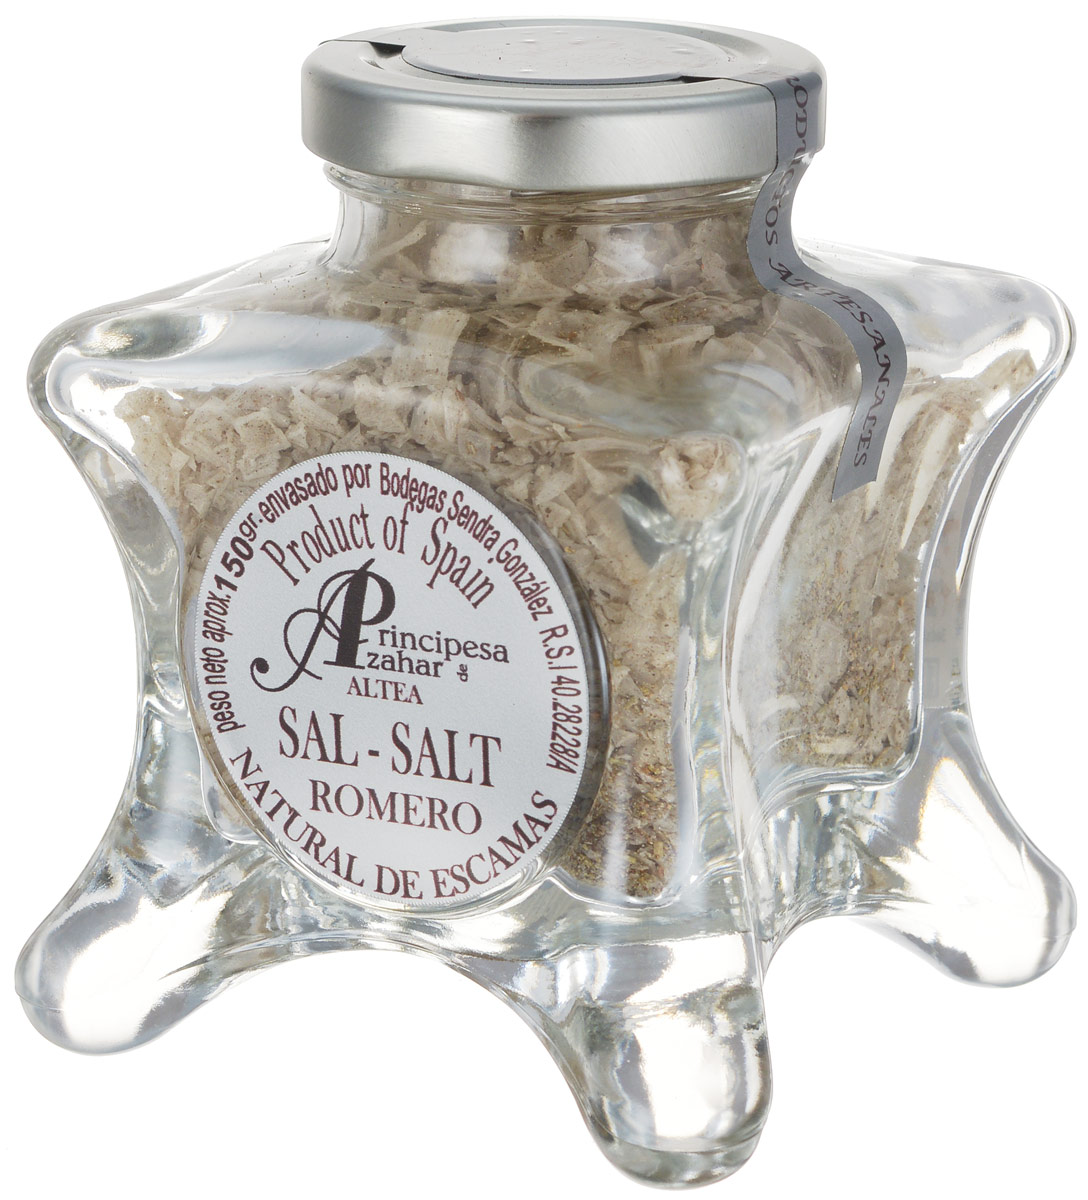 Principe de Azahar морская пищевая соль с розмарином, 150 г8436531342852Пищевая натуральная морская соль с розмарином Principe de Azahar от фермера Sendra Gonzalez - это продукт для гурманов, а также любителей кулинарии с воображением. Морская соль полезнее обычной поваренной, так как содержит высокую концентрацию магния и других полезных веществ. Размер кристаллов составляет 4-12 мм.